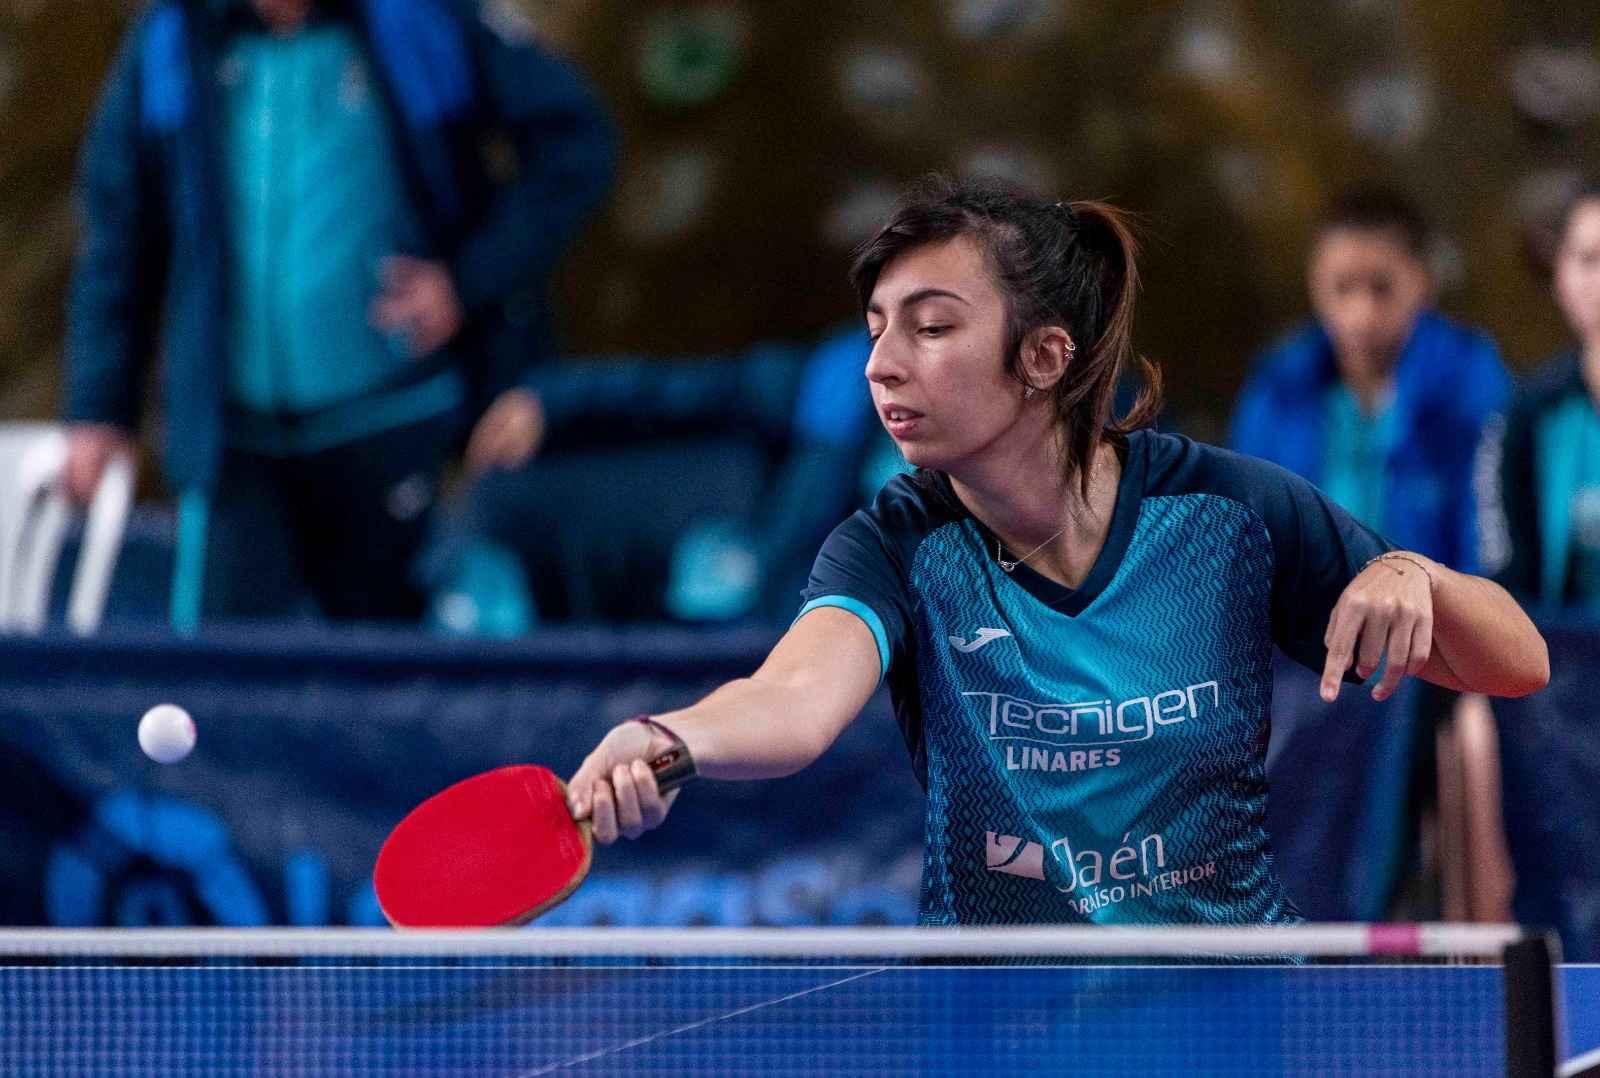 Judith Cobas, jugadora Tecnigen Linares TM (Foto: Alvaro Diaz)